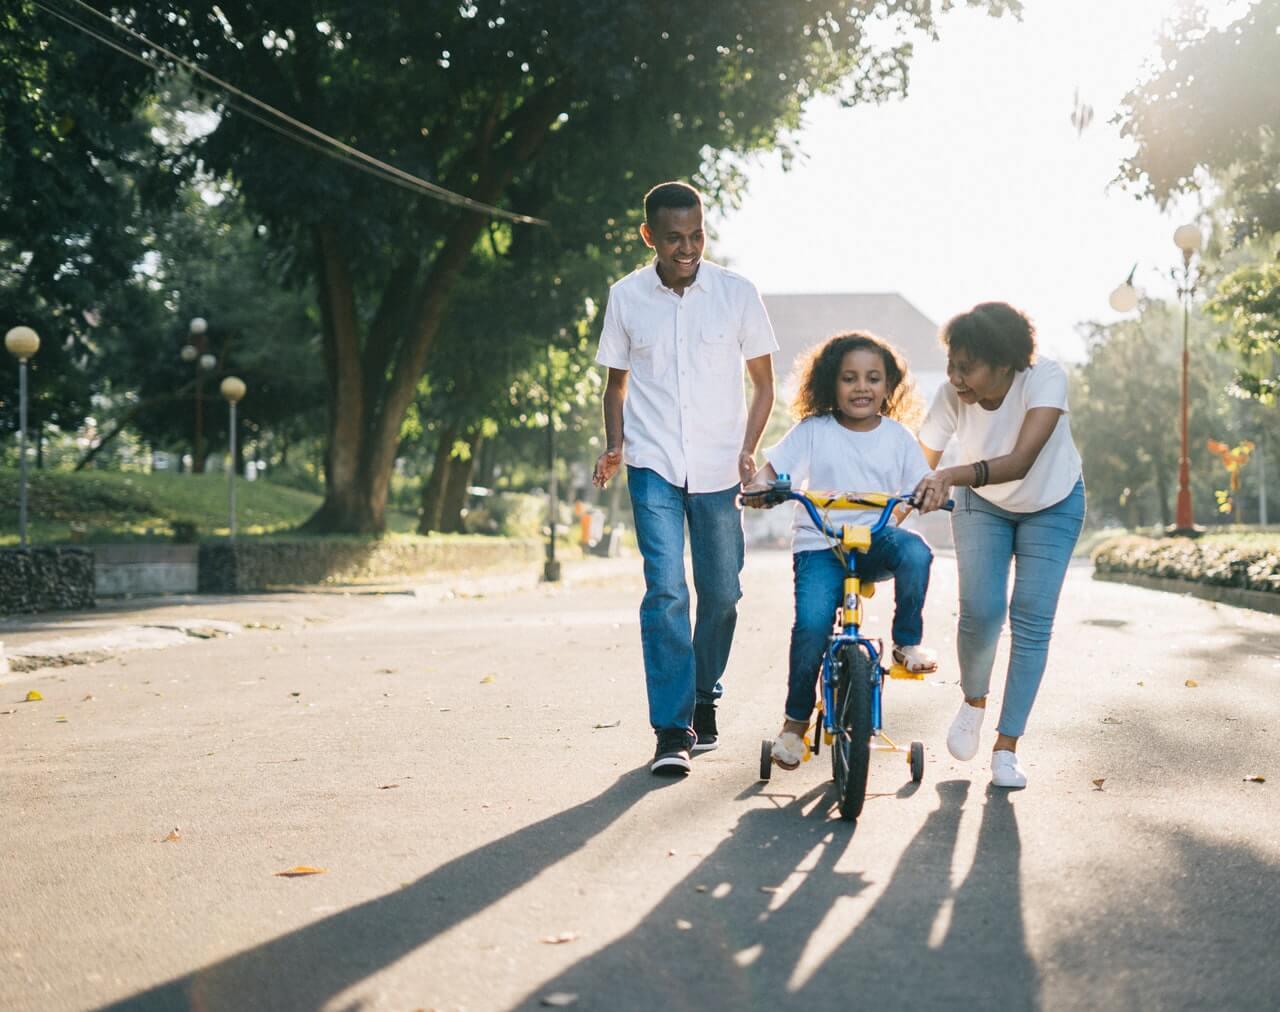 Comment développer la mémoire chez l'enfant?